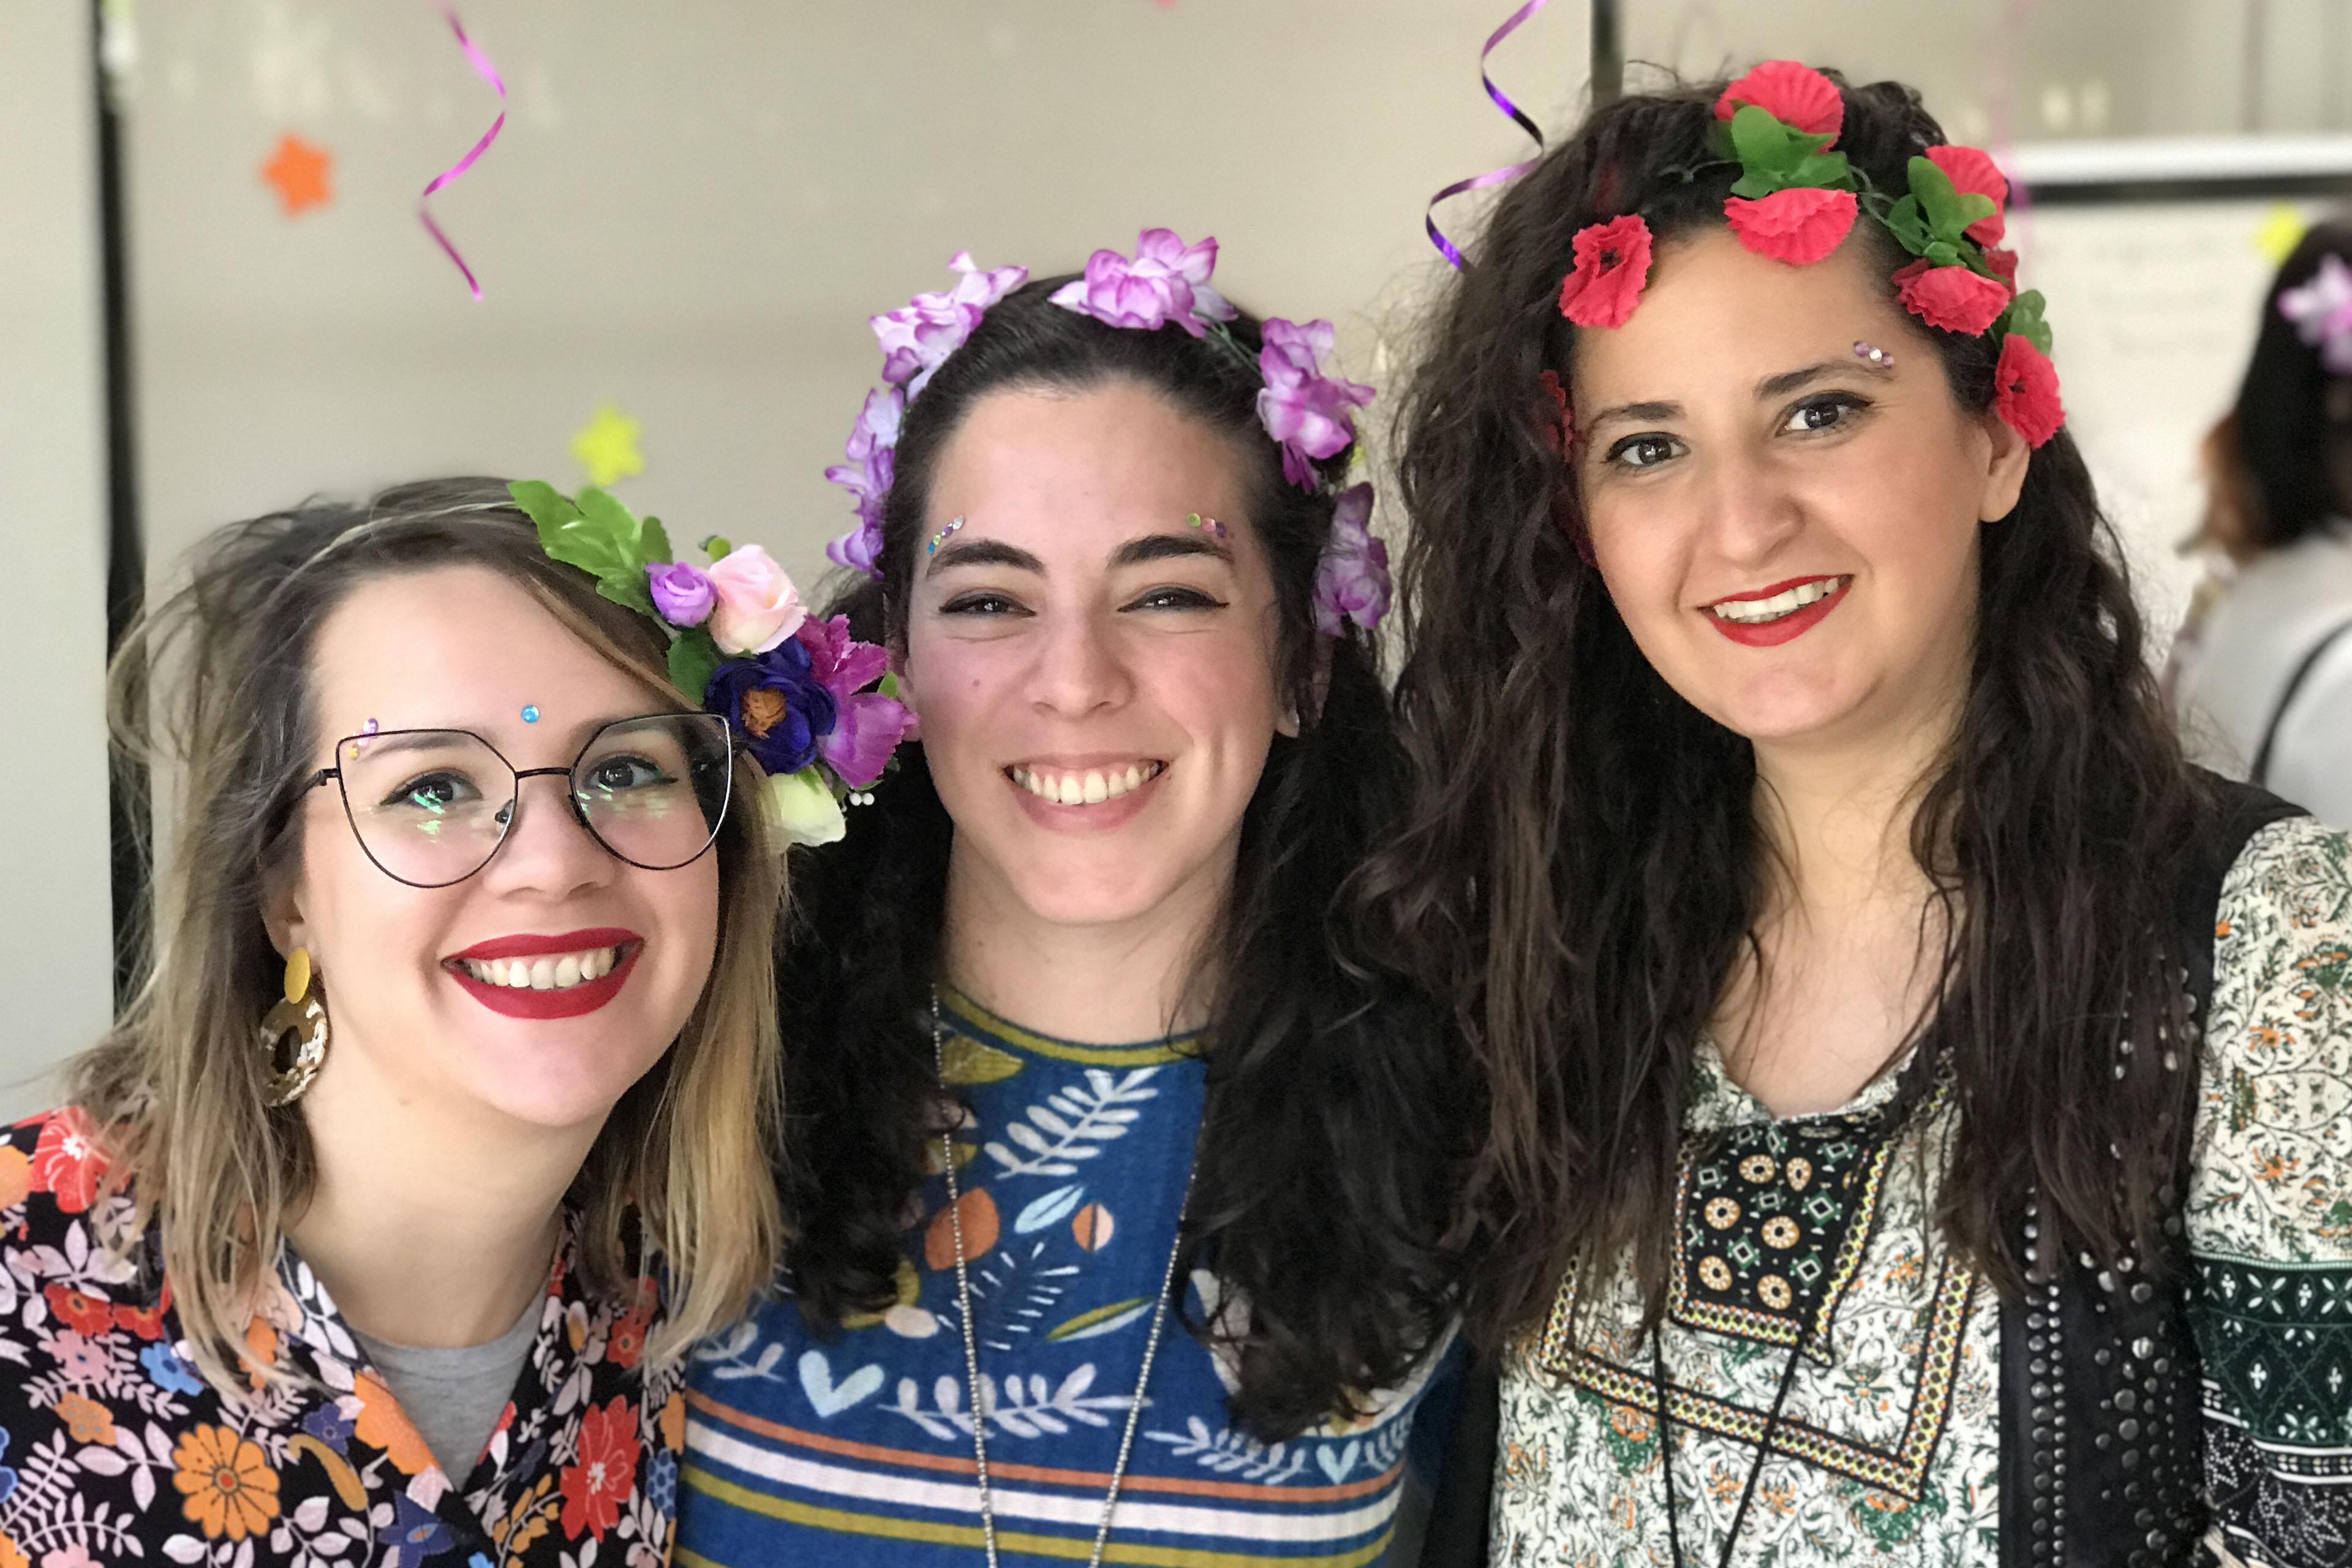 Tres chicas mirando hacia la cámara sonriendo